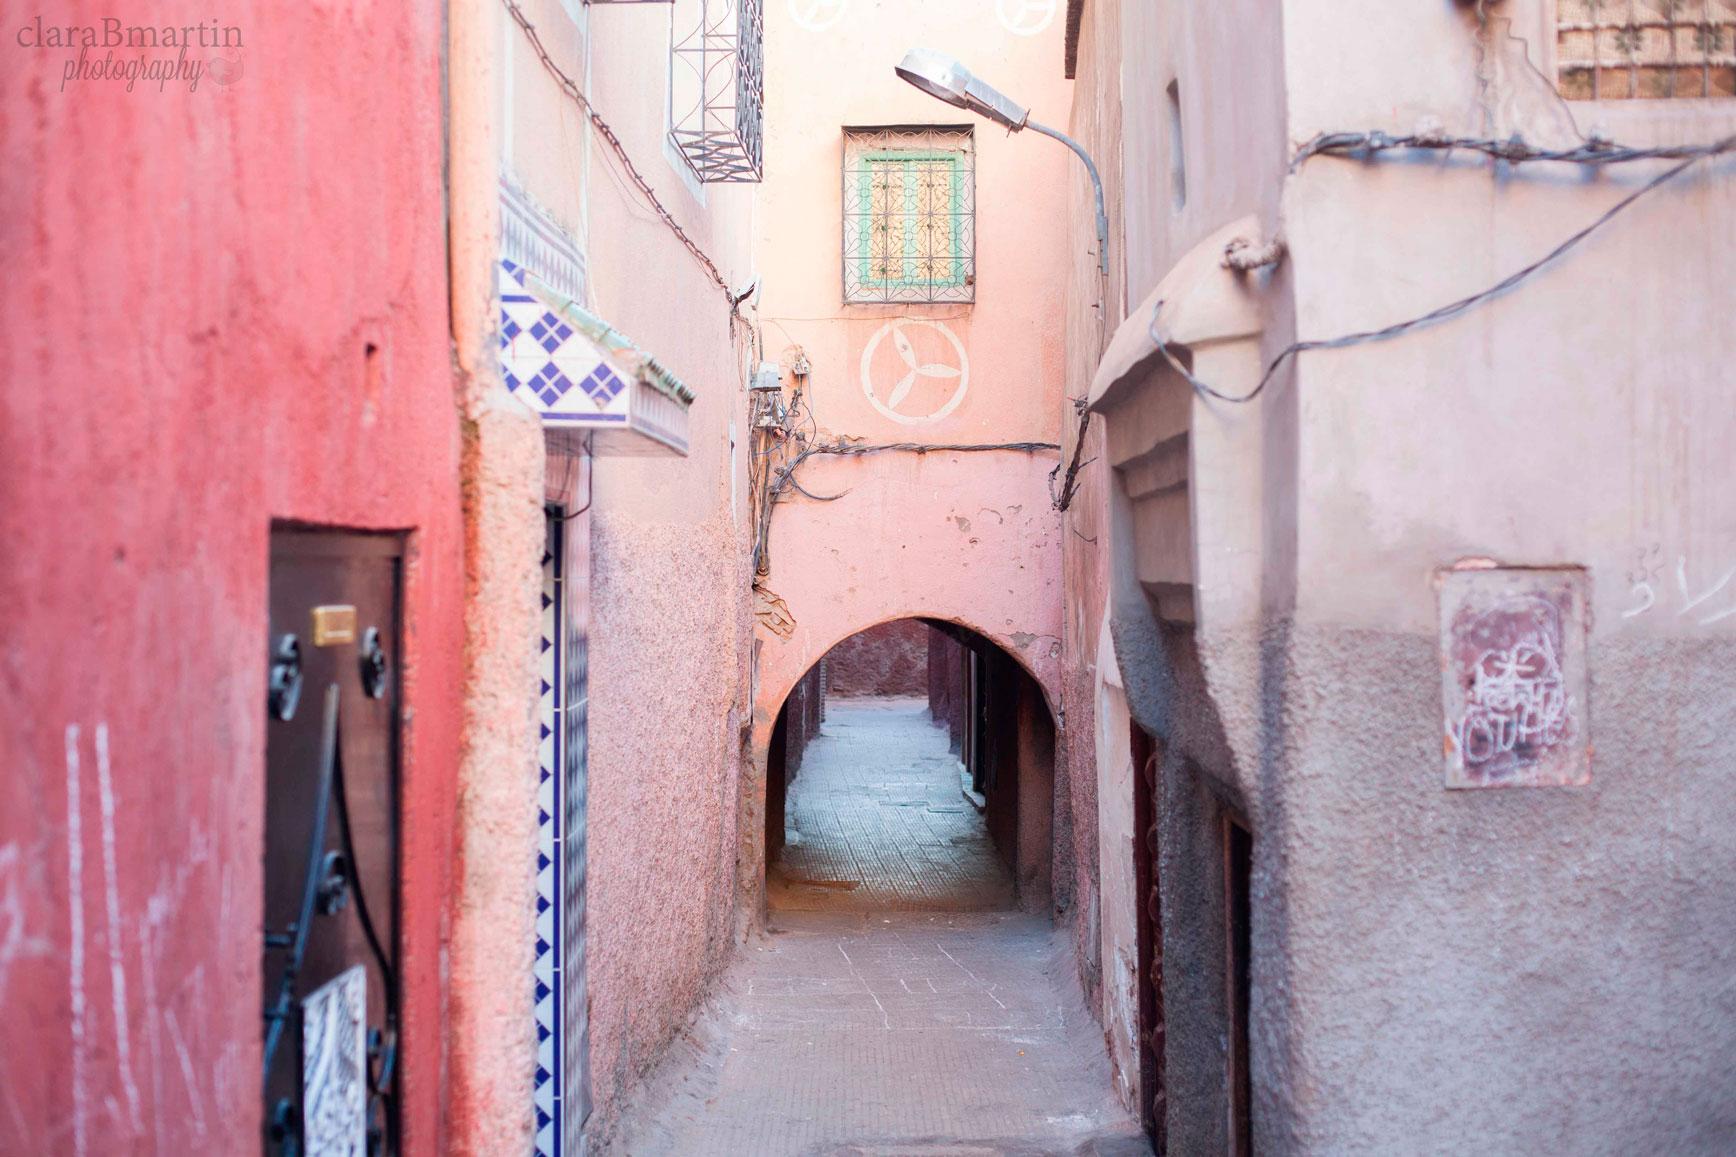 Marrakech_claraBmartin_04